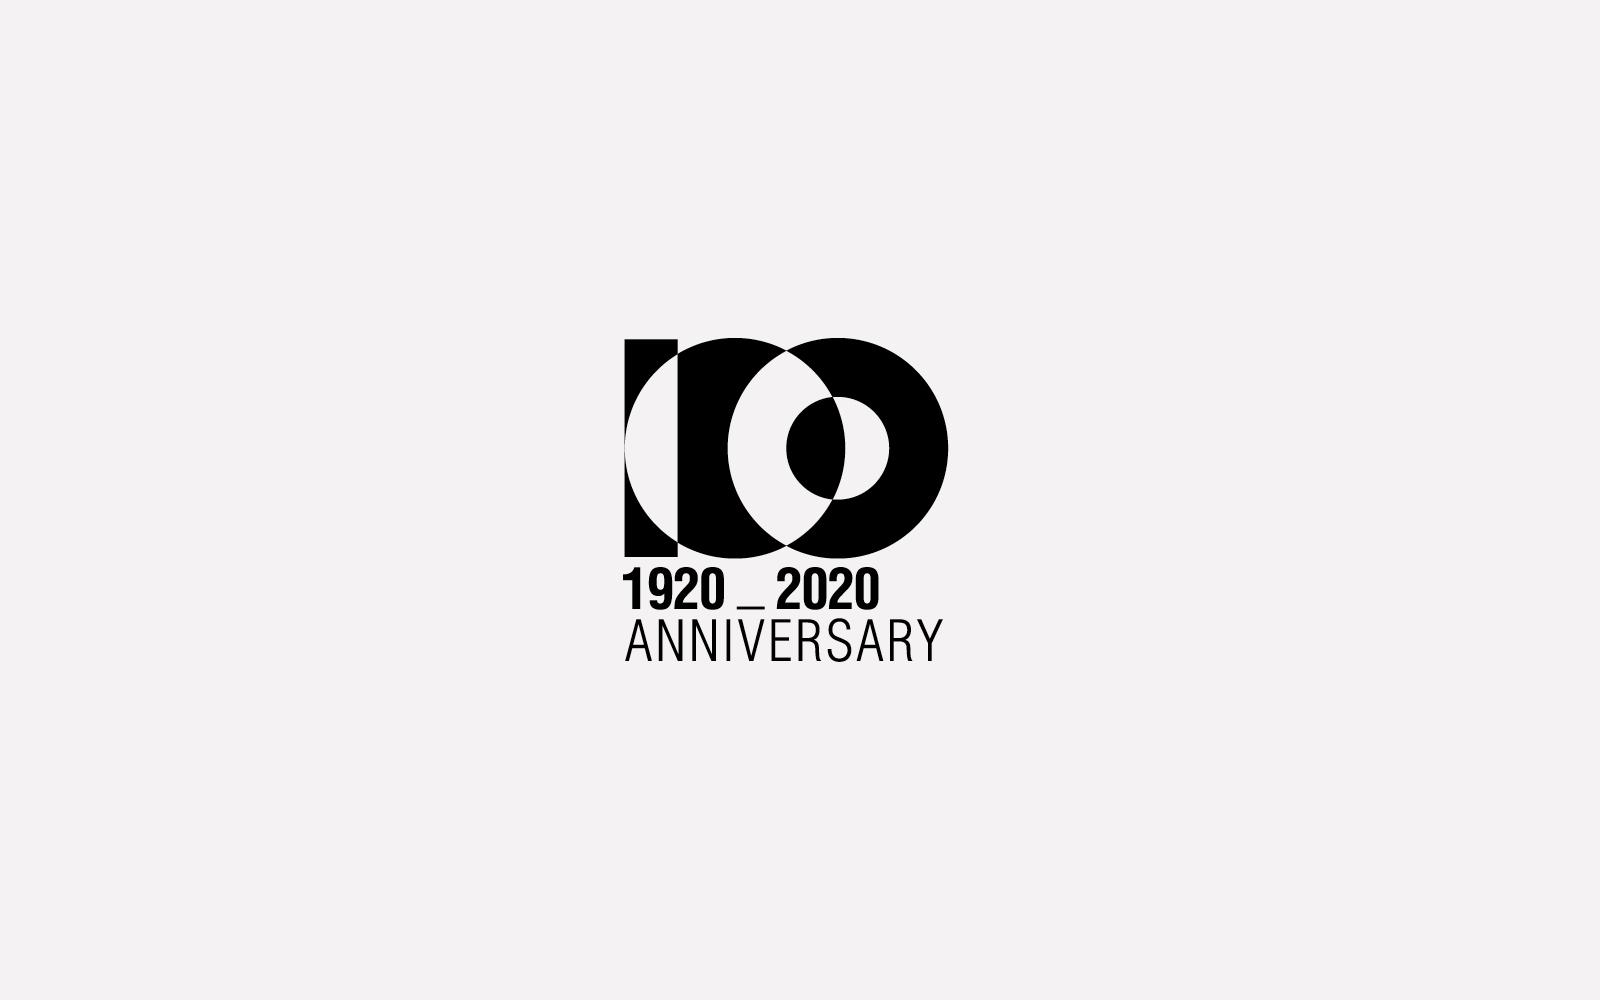 progetto marchio monocolore celebrativo centenario per azienda settore arredamento, creato dallo studio di grafica diade studio arco di trento